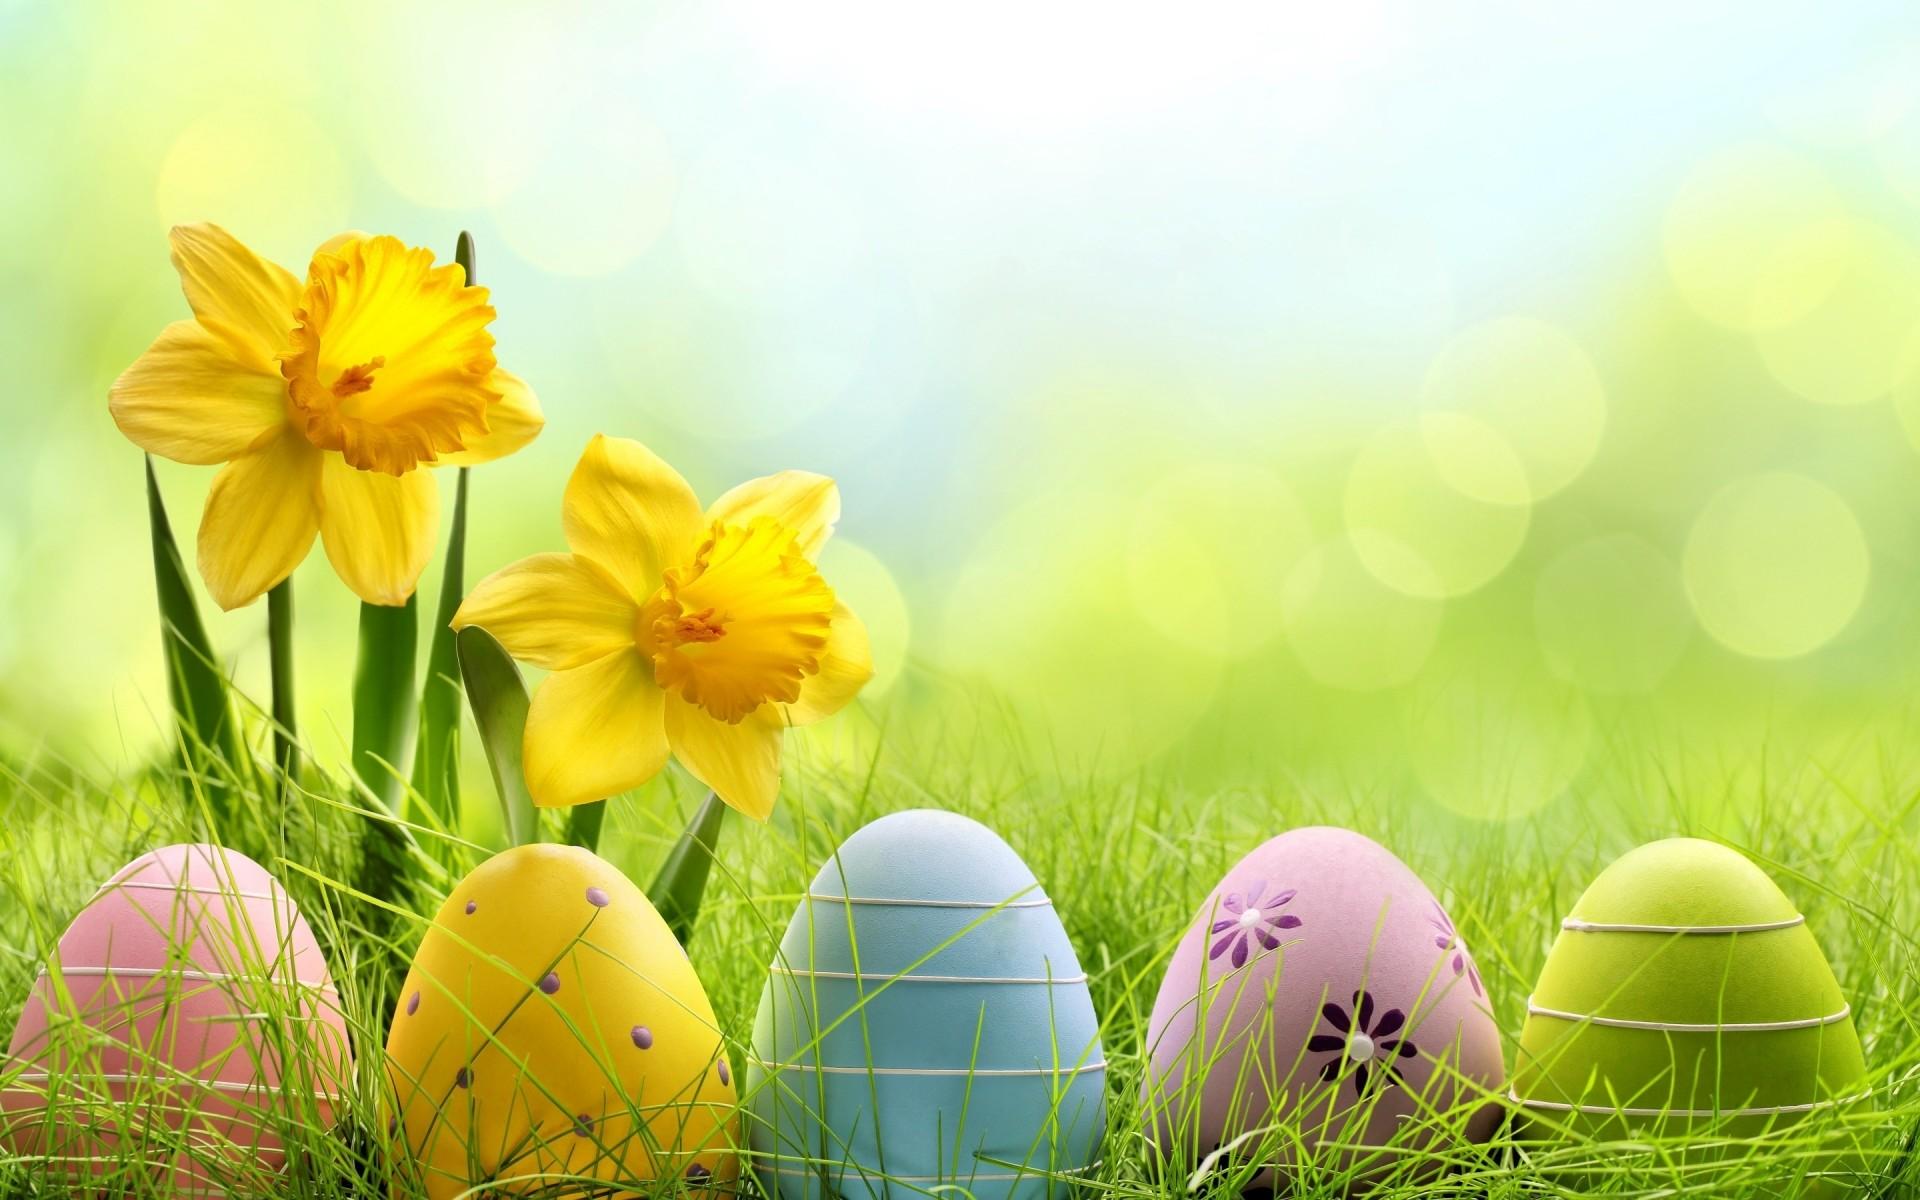 Wallpaper HD Cute Easter Eggs – HD Wallpaper Expert